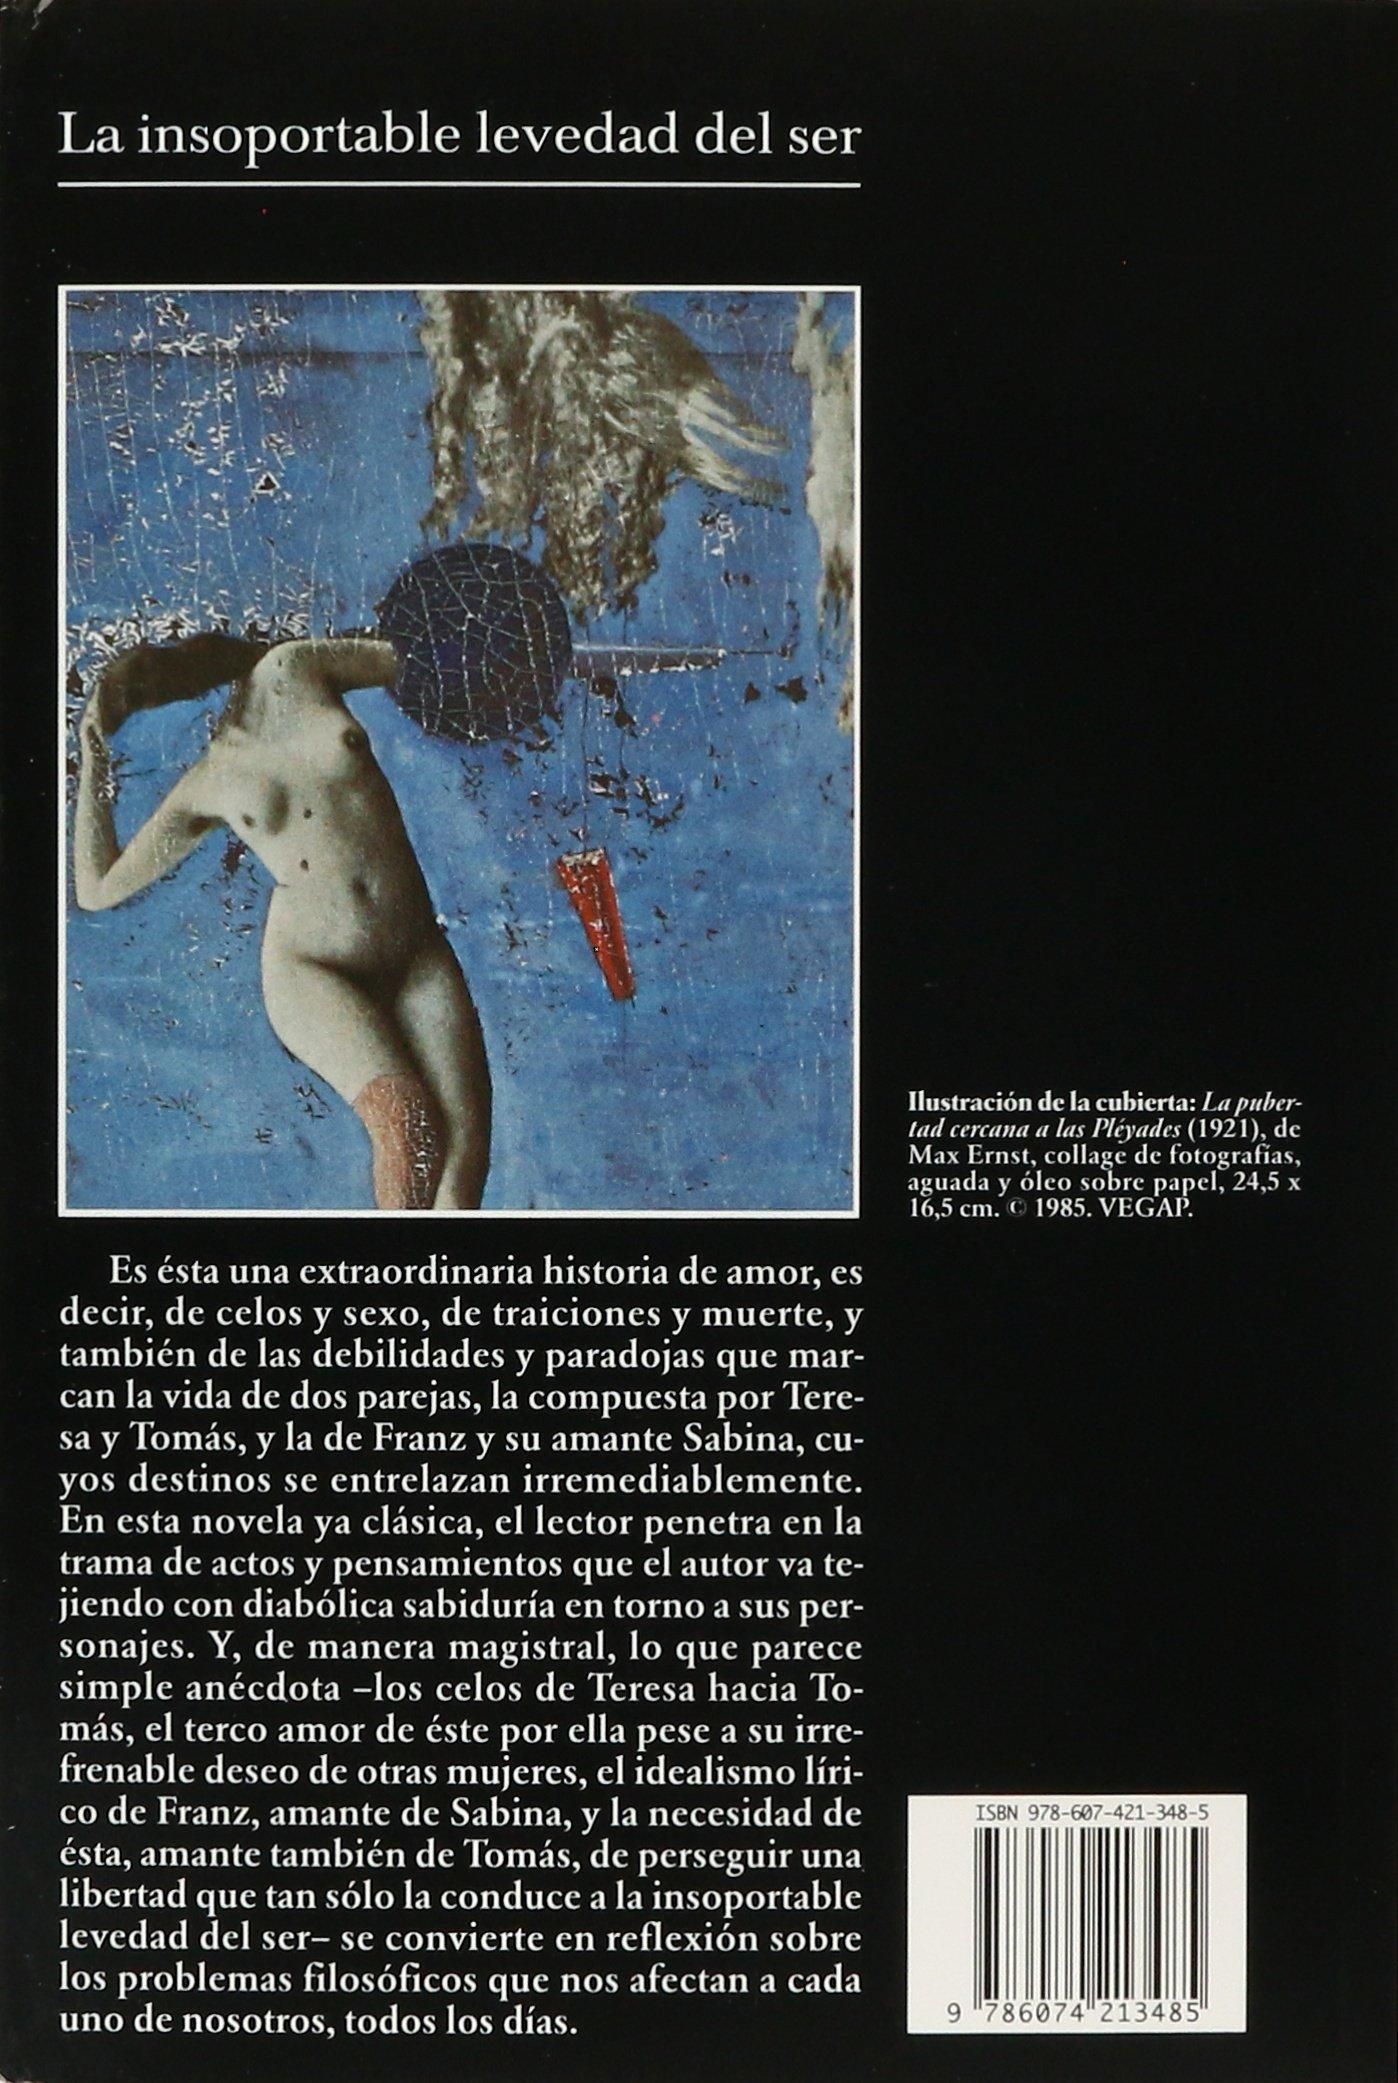 La Insoportable Levedad del Ser: Amazon.es: Kundera: Libros